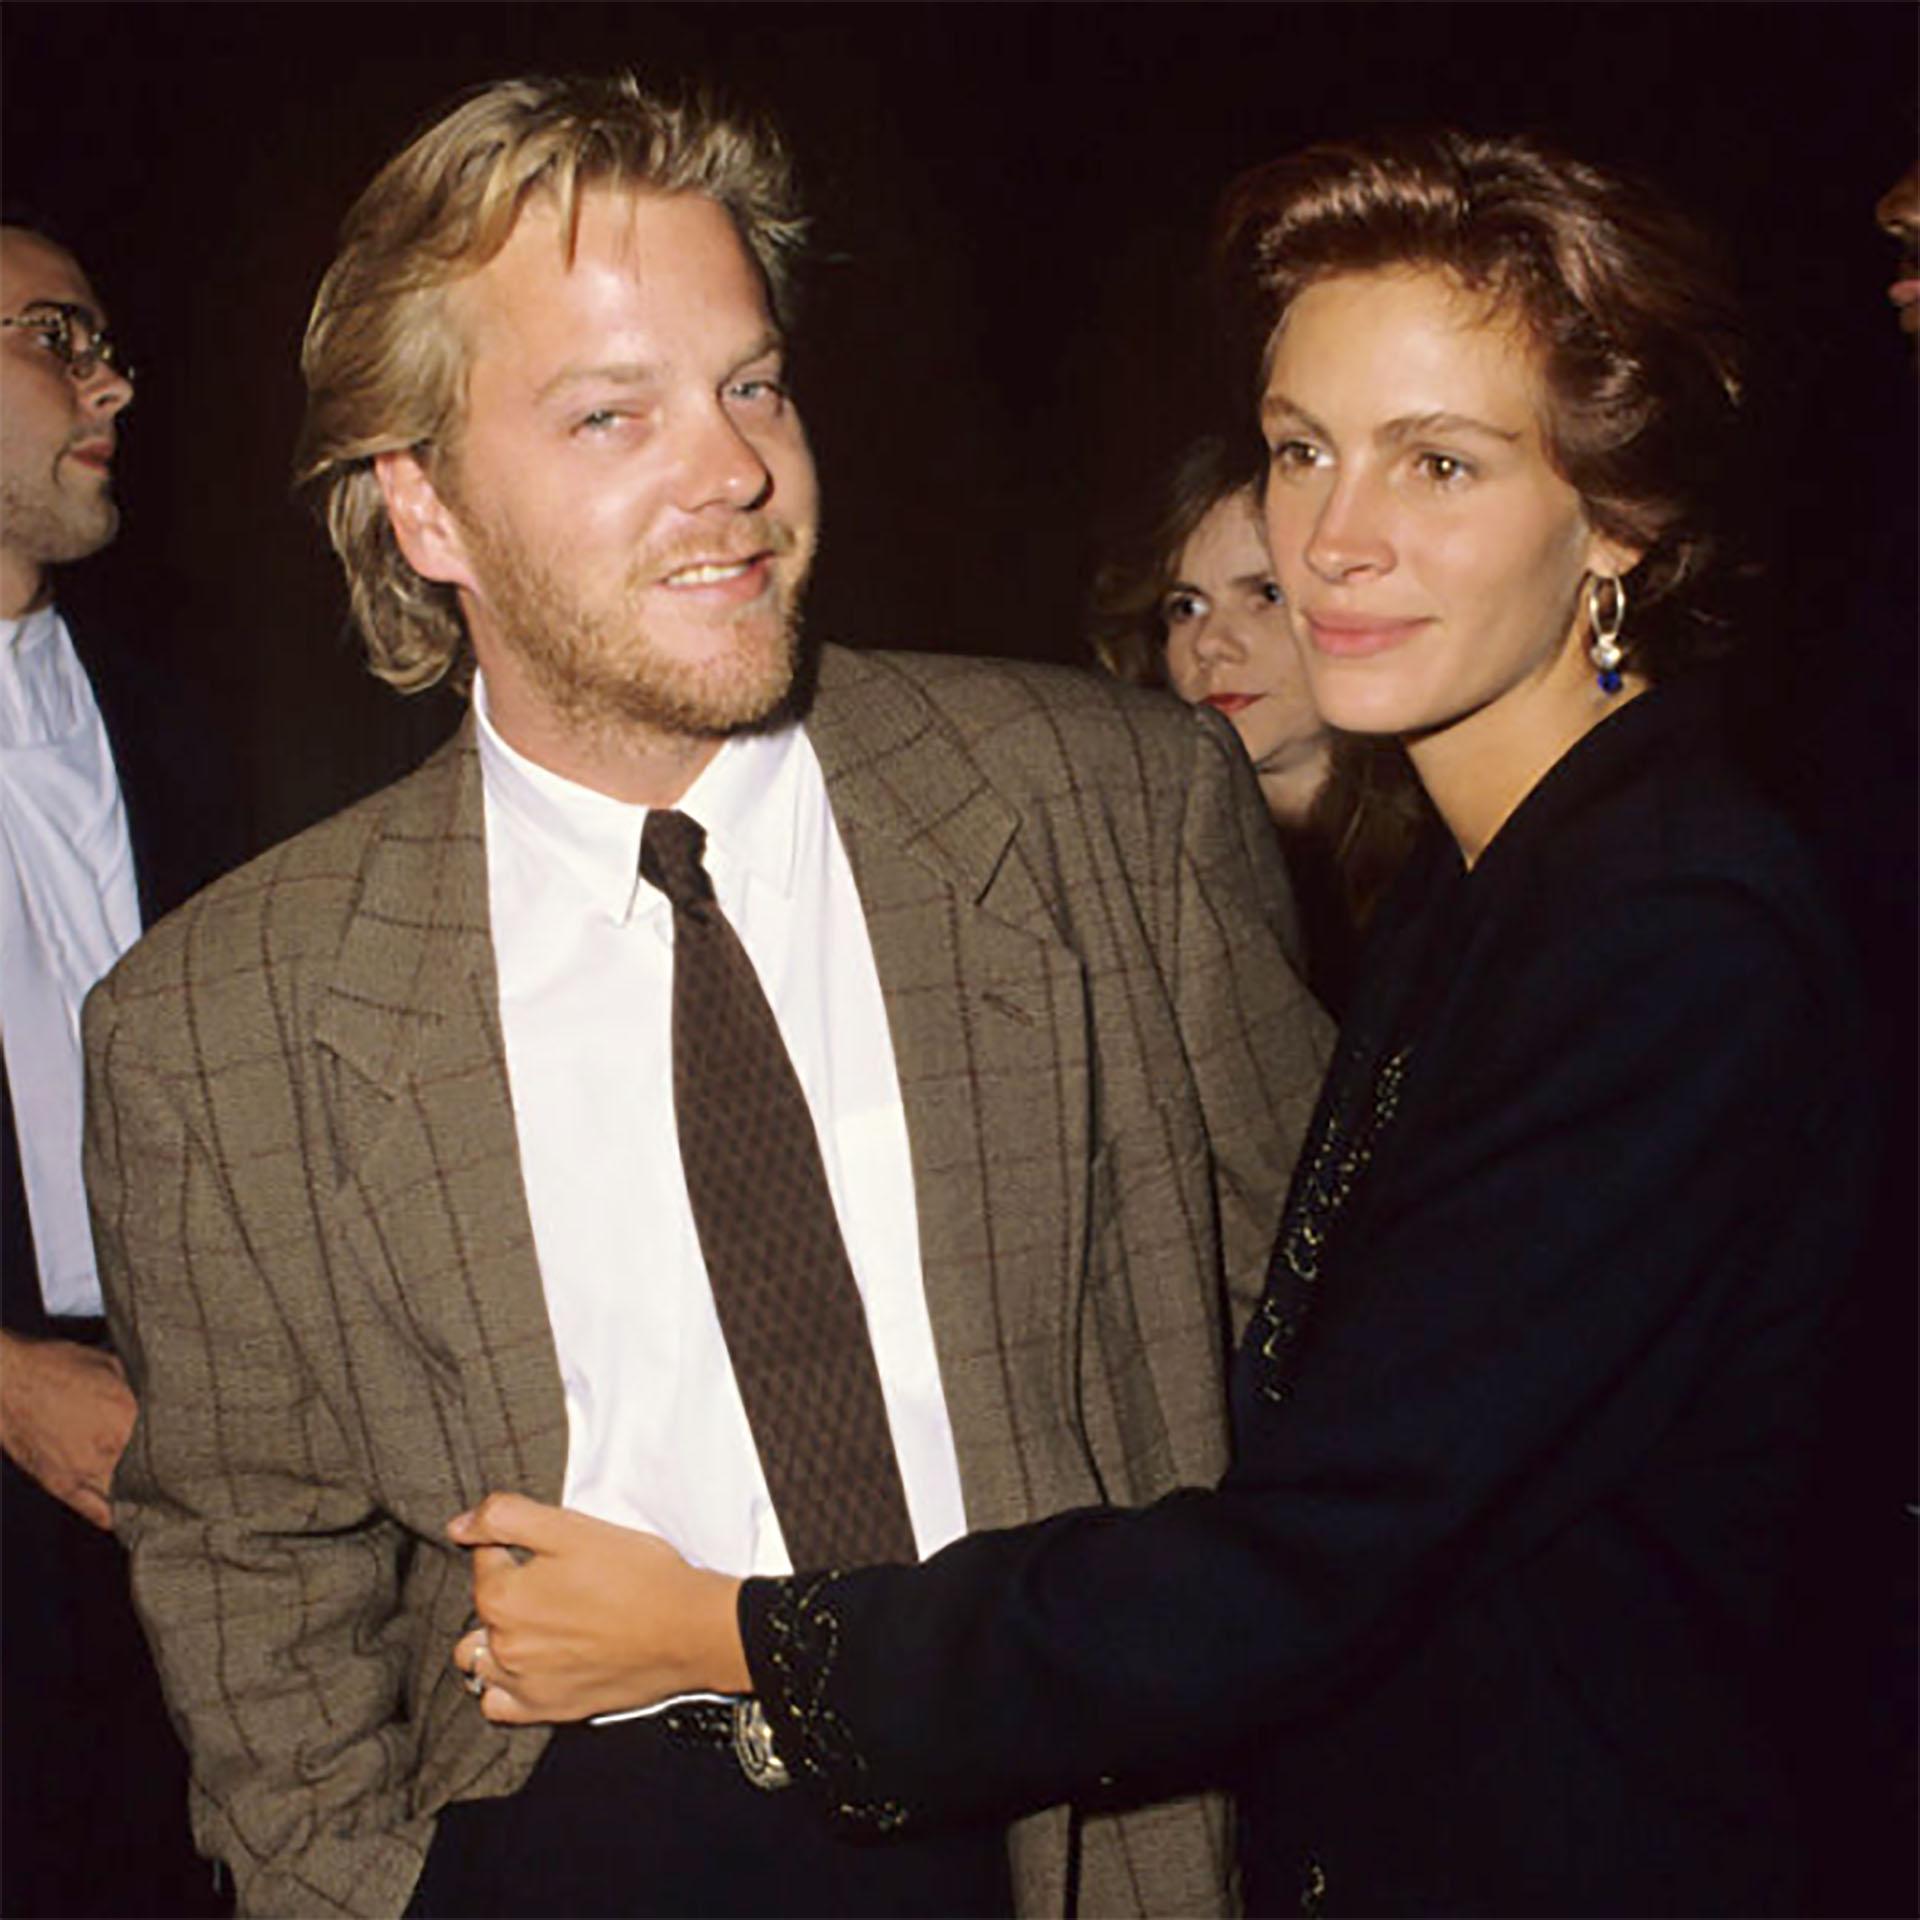 La ruptura entre Julia Roberts y Kiefer Sutherland es una de las más recordadas de Hollywood